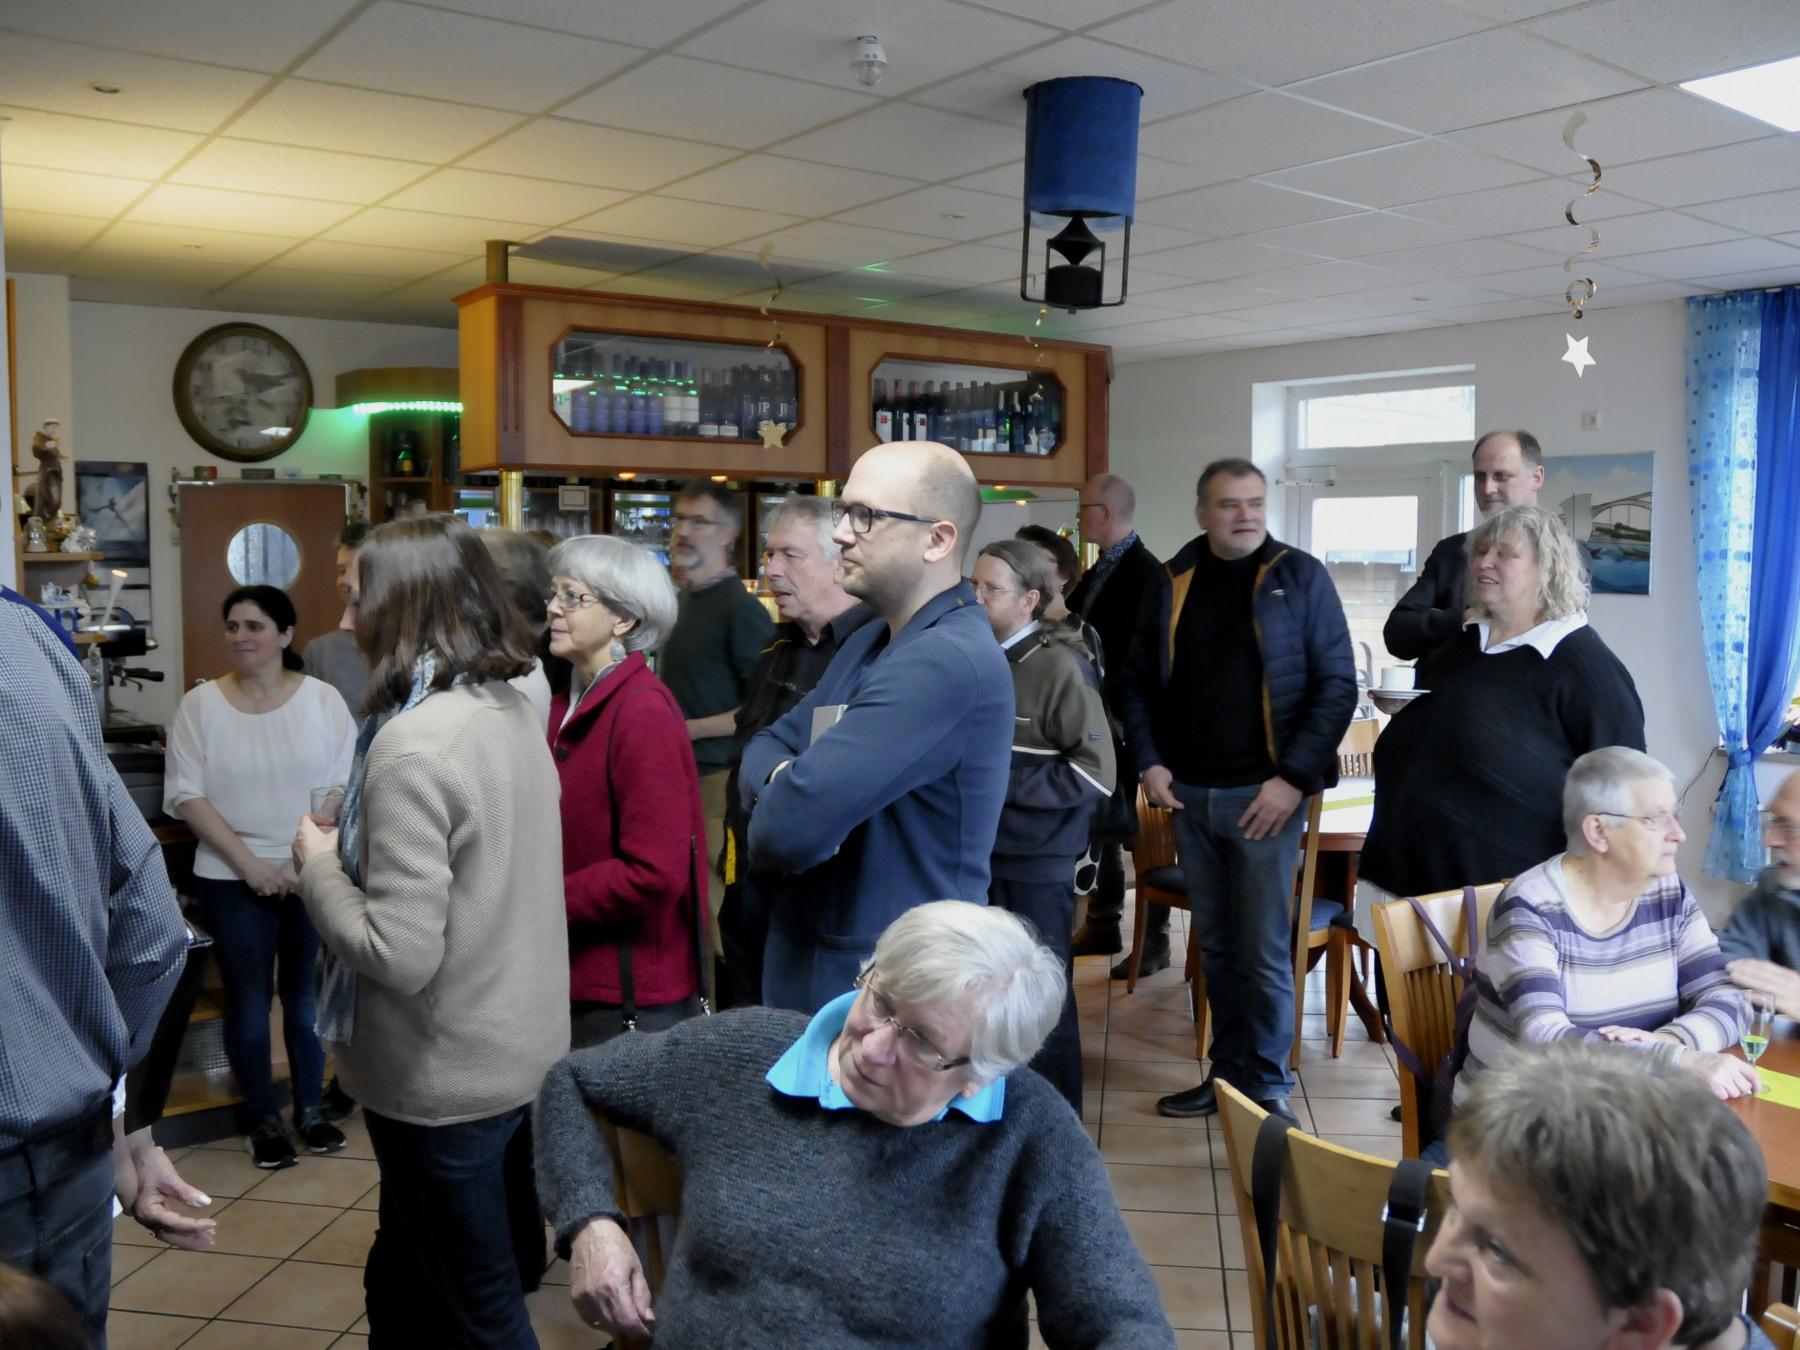 Willkommen 2018 – Grüner Neujahrsempfang Harburg